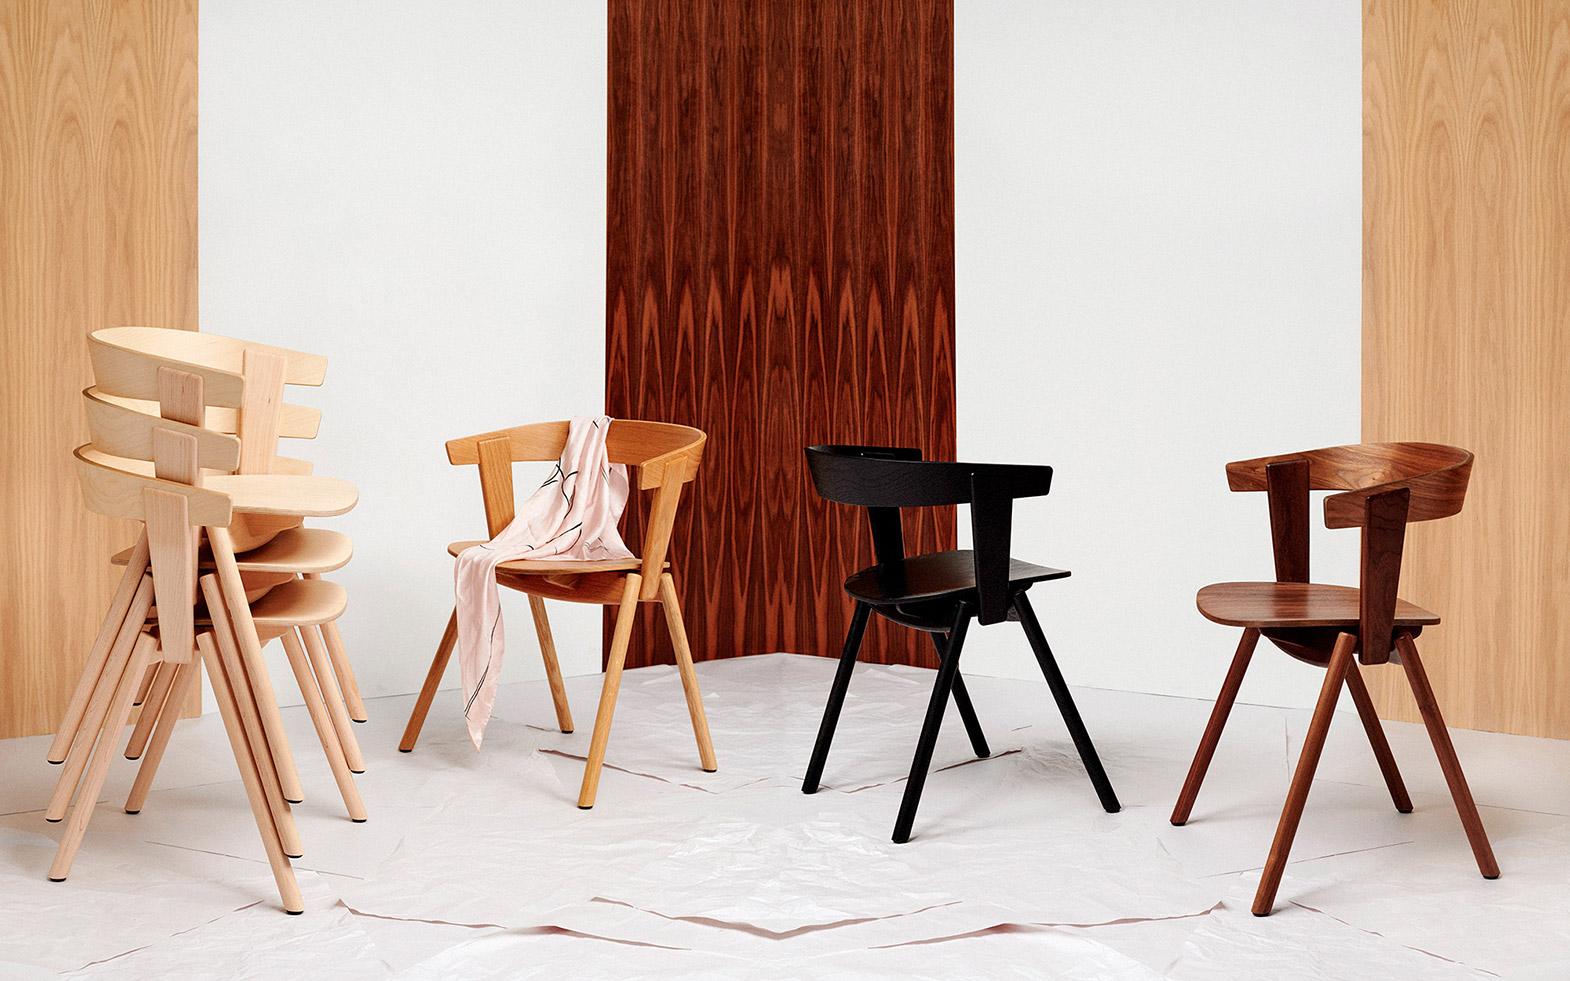 OS1-chair-10a